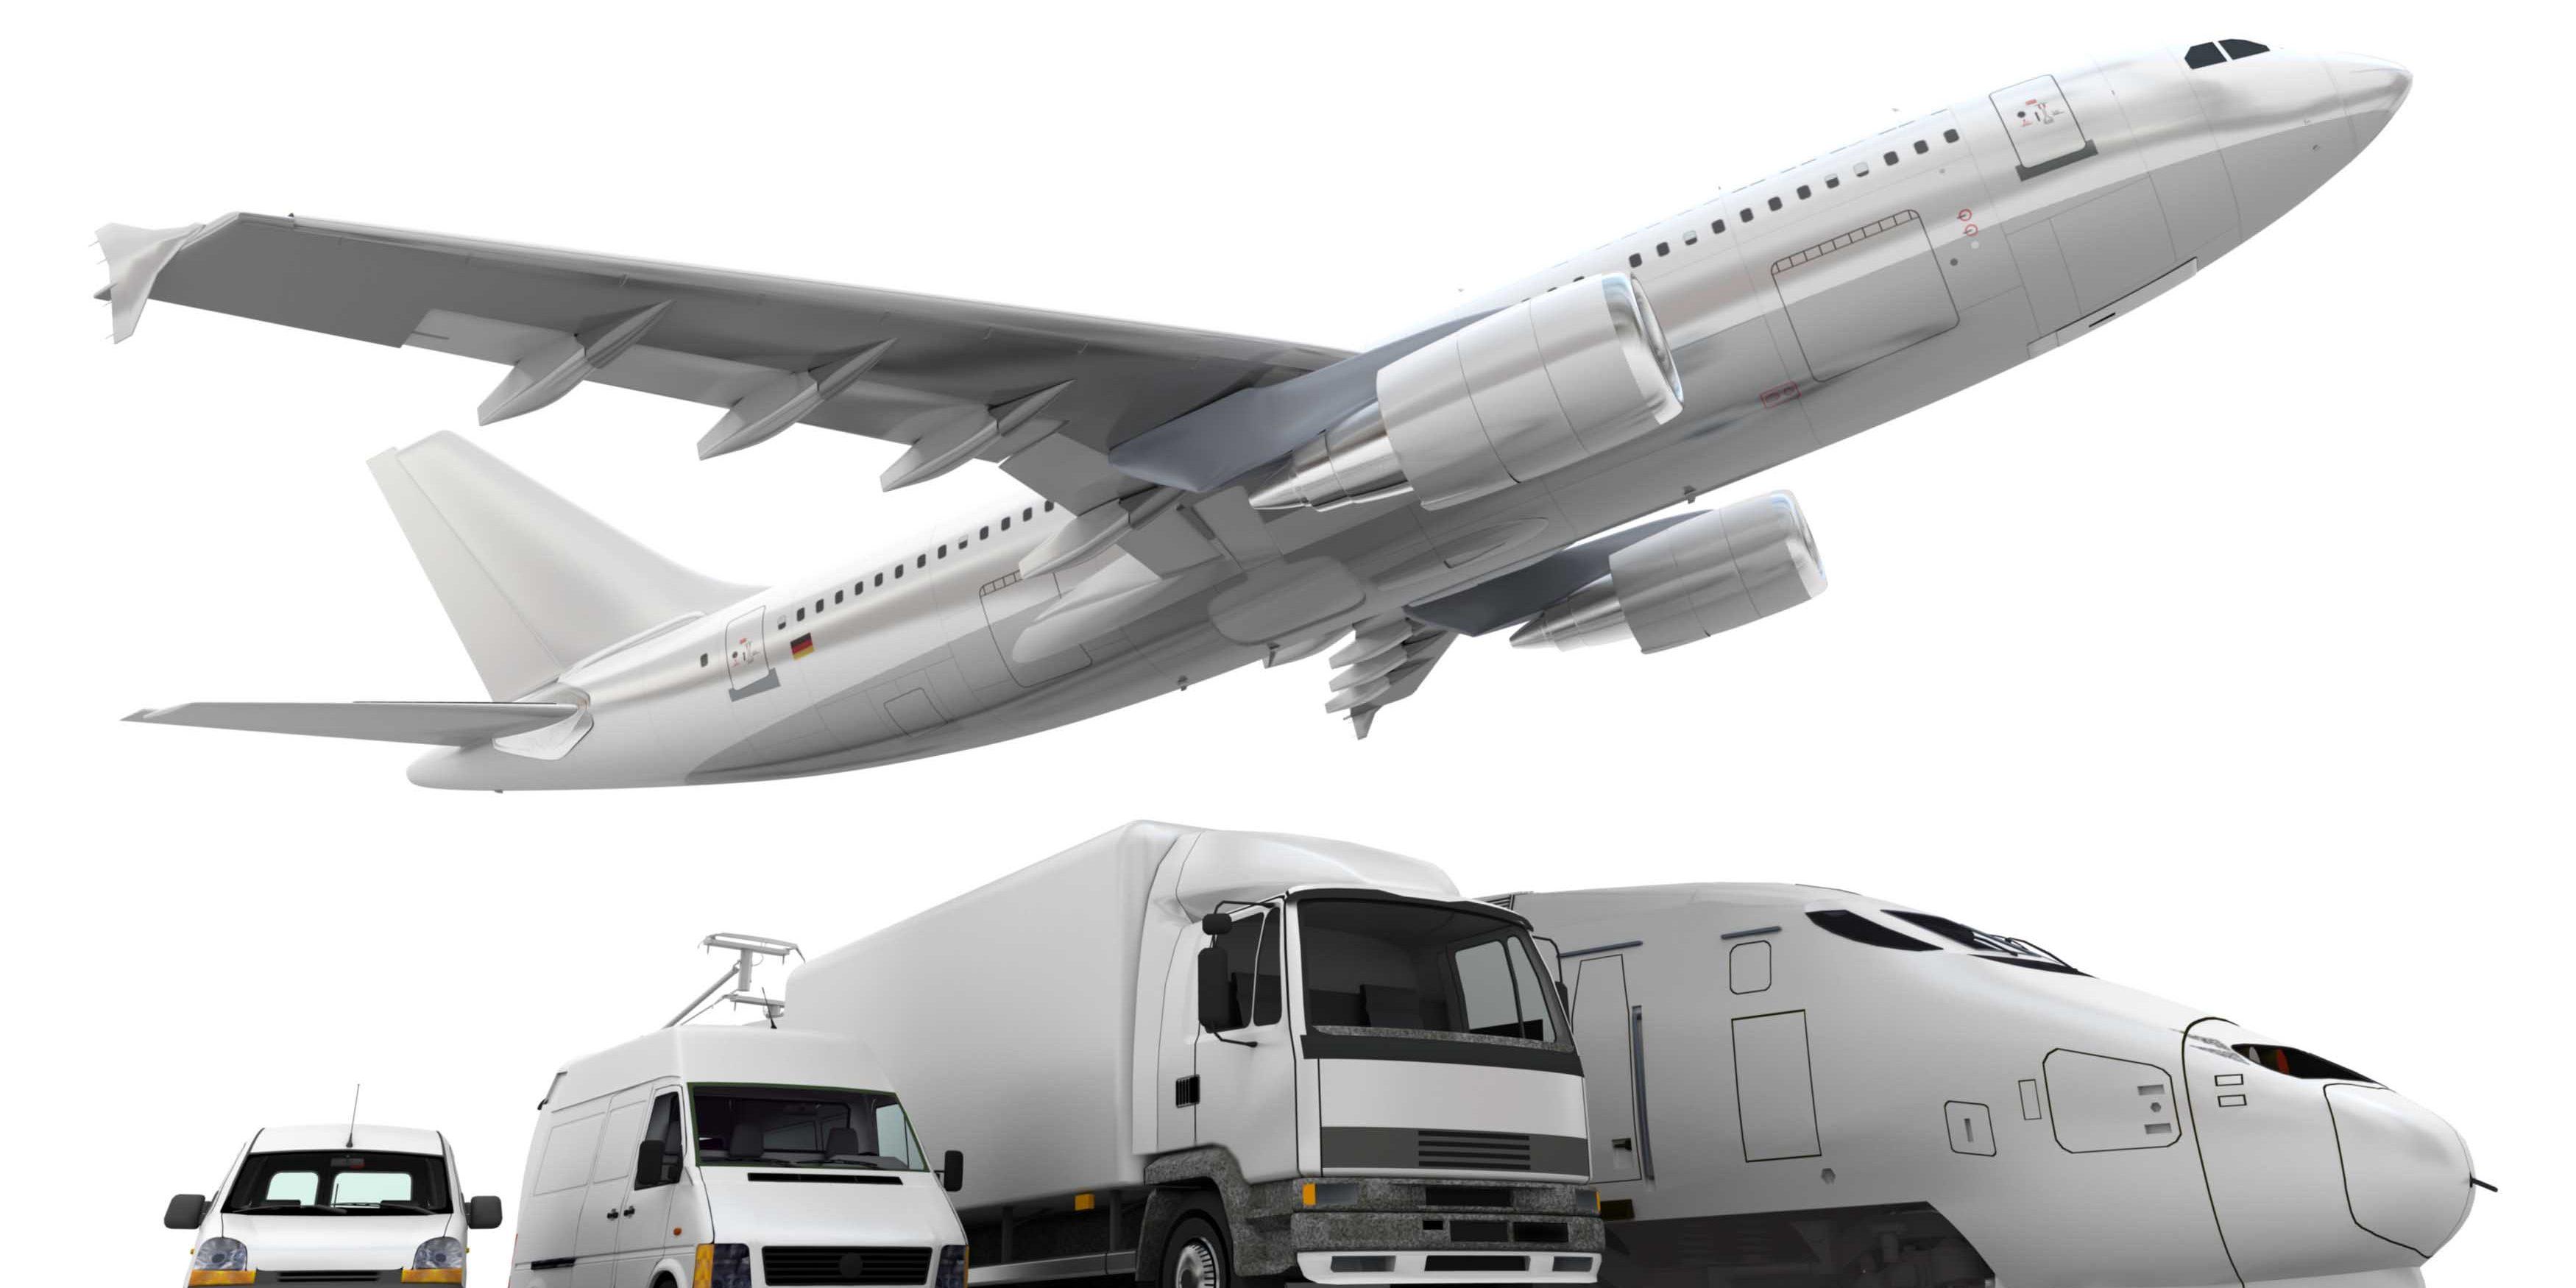 Chuyển phát nhanh hàng hóa đi Ireland uy tín, giá rẻ. - Chuyển phát nhanh  bằng đường hàng không